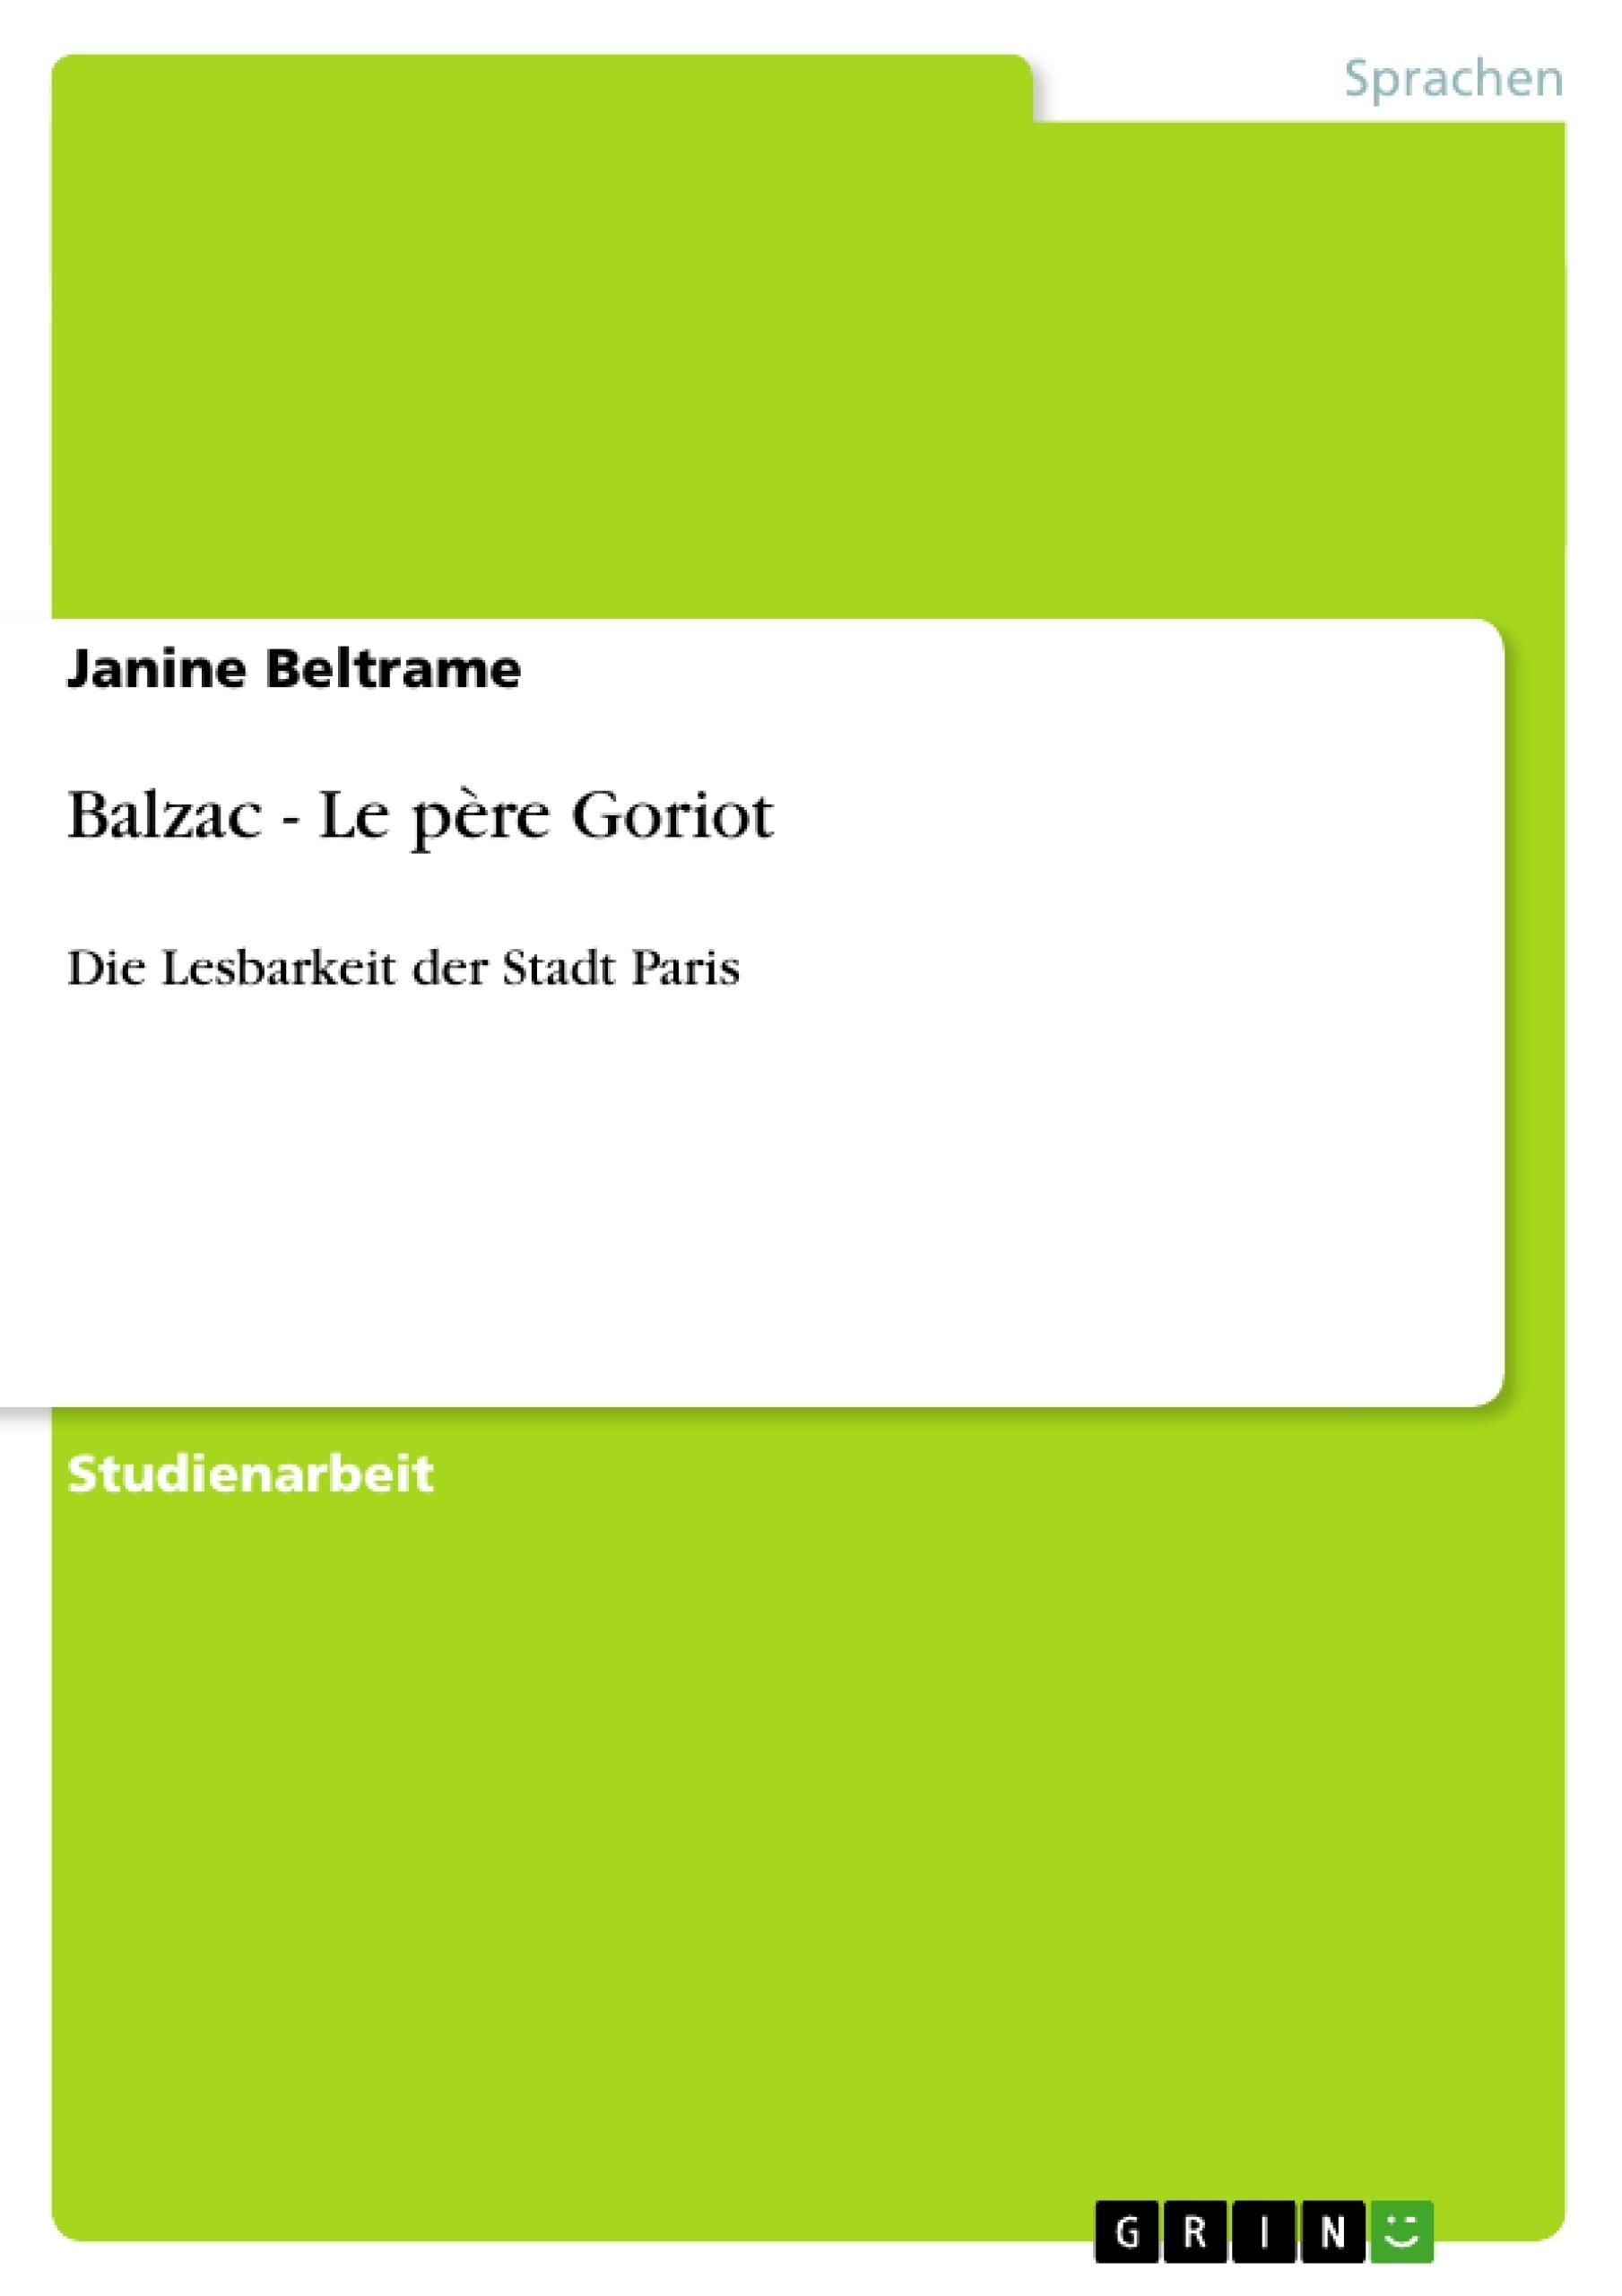 Titel: Balzac - Le père Goriot